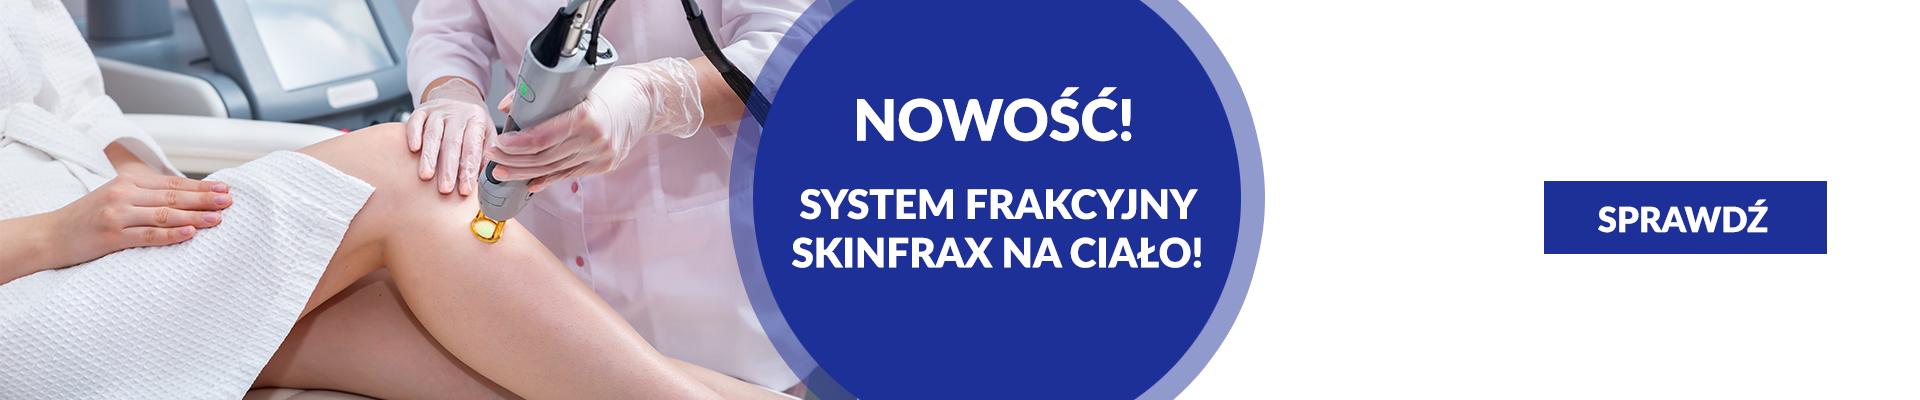 SKIN FRAX _ NOWOŚĆ!